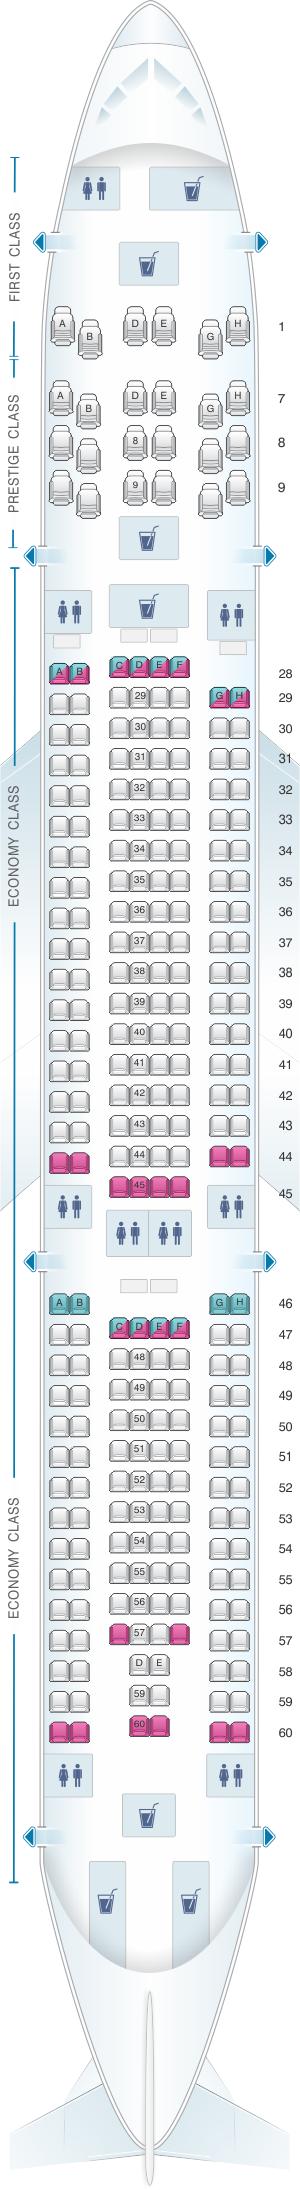 Seat map for Korean Air Airbus A330 300 272PAX